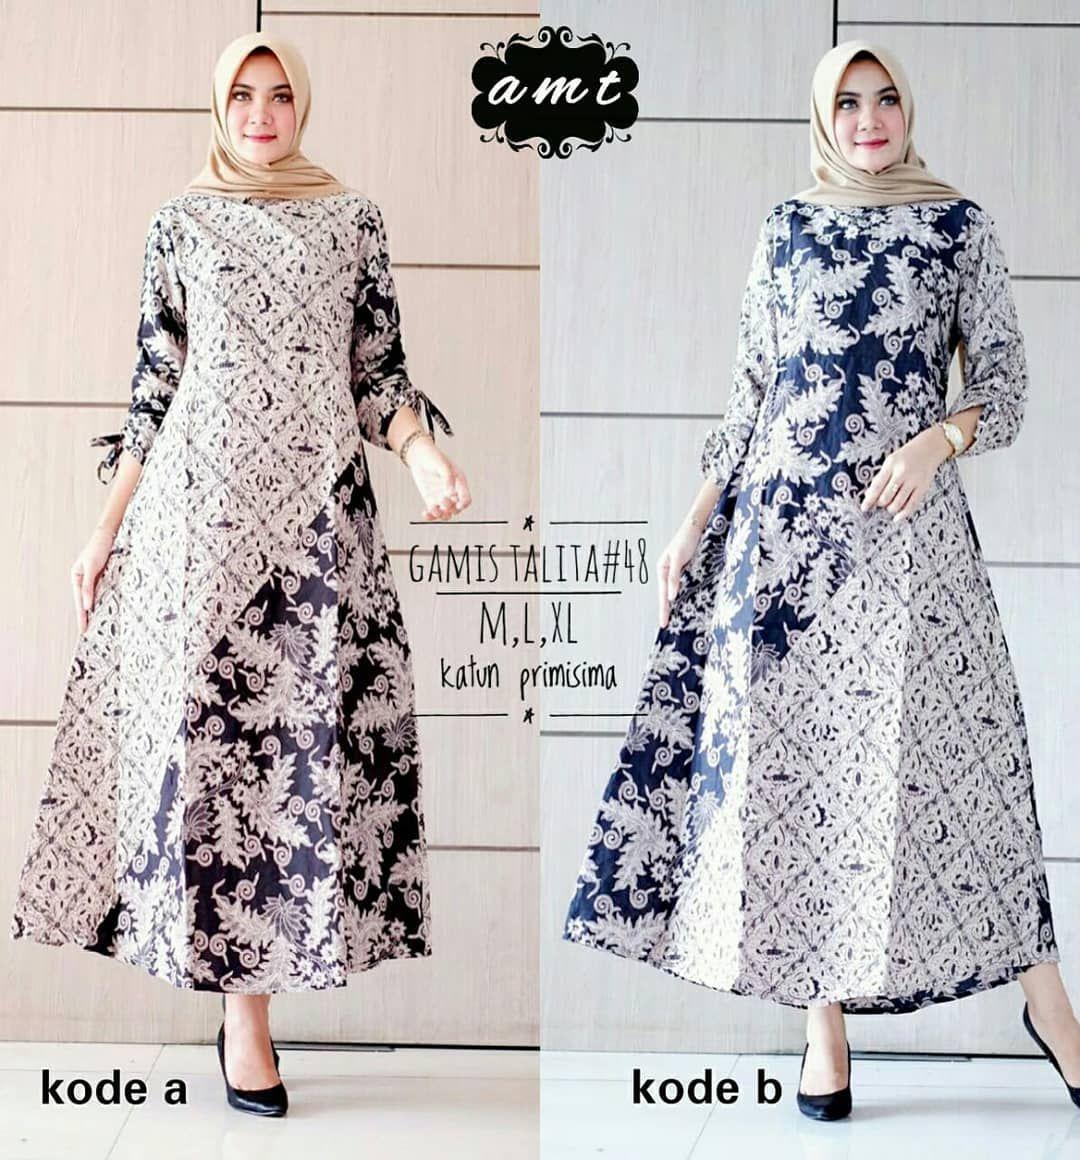 Gamis batik modern  Model pakaian, Pakaian wanita, Model pakaian